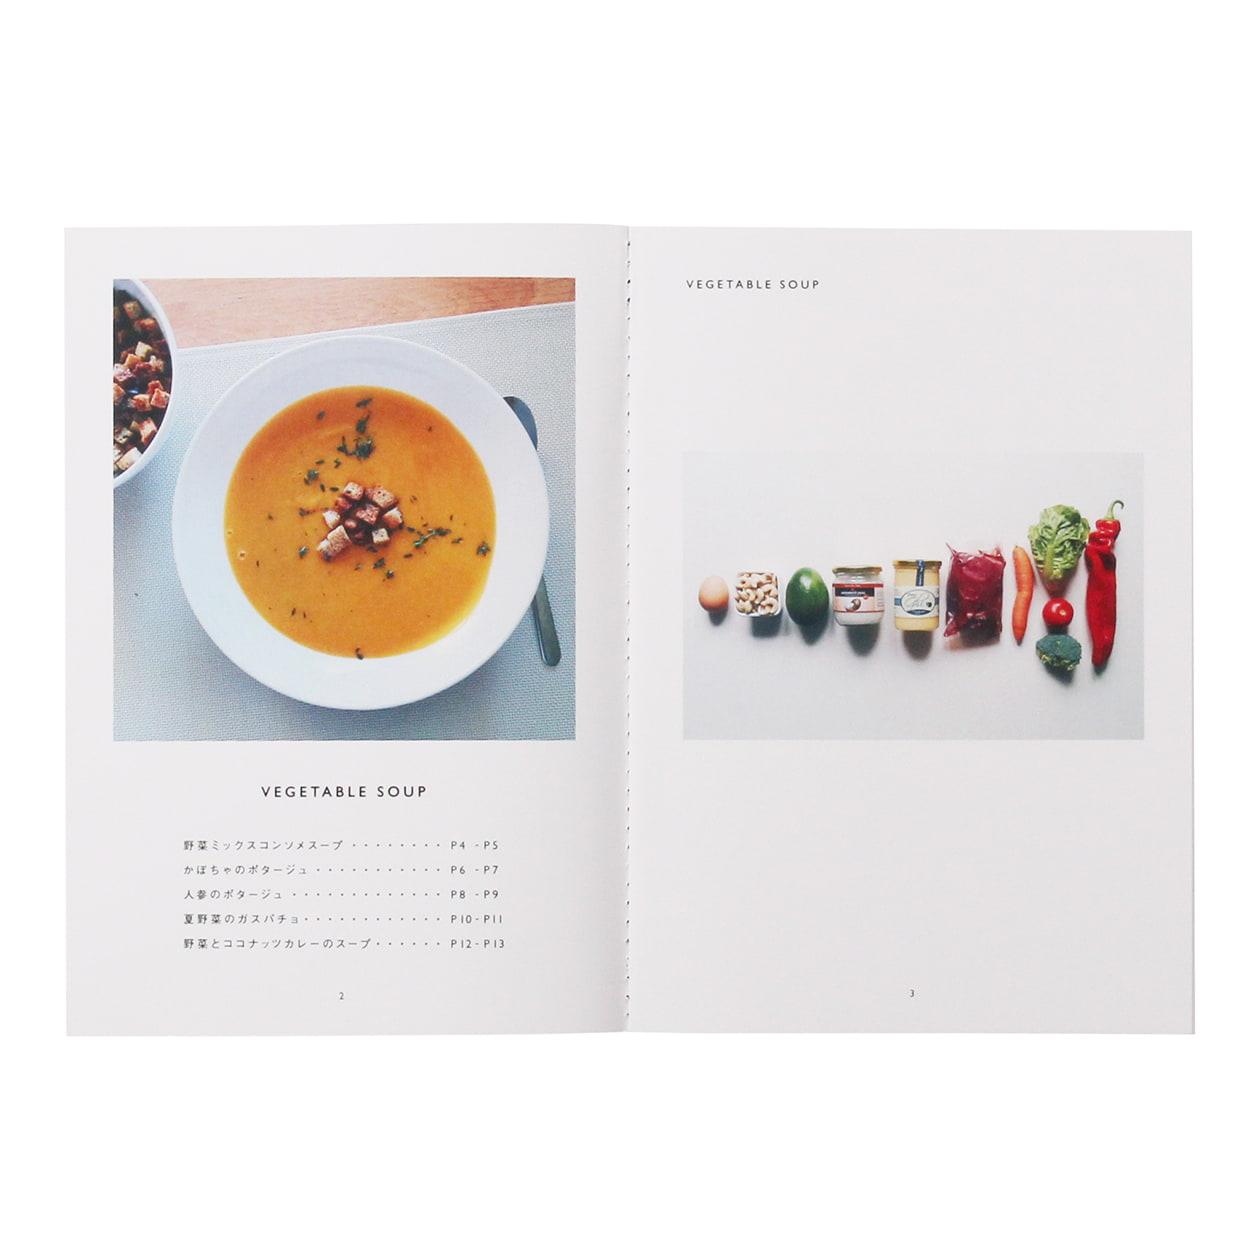 サンプル 冊子 00003